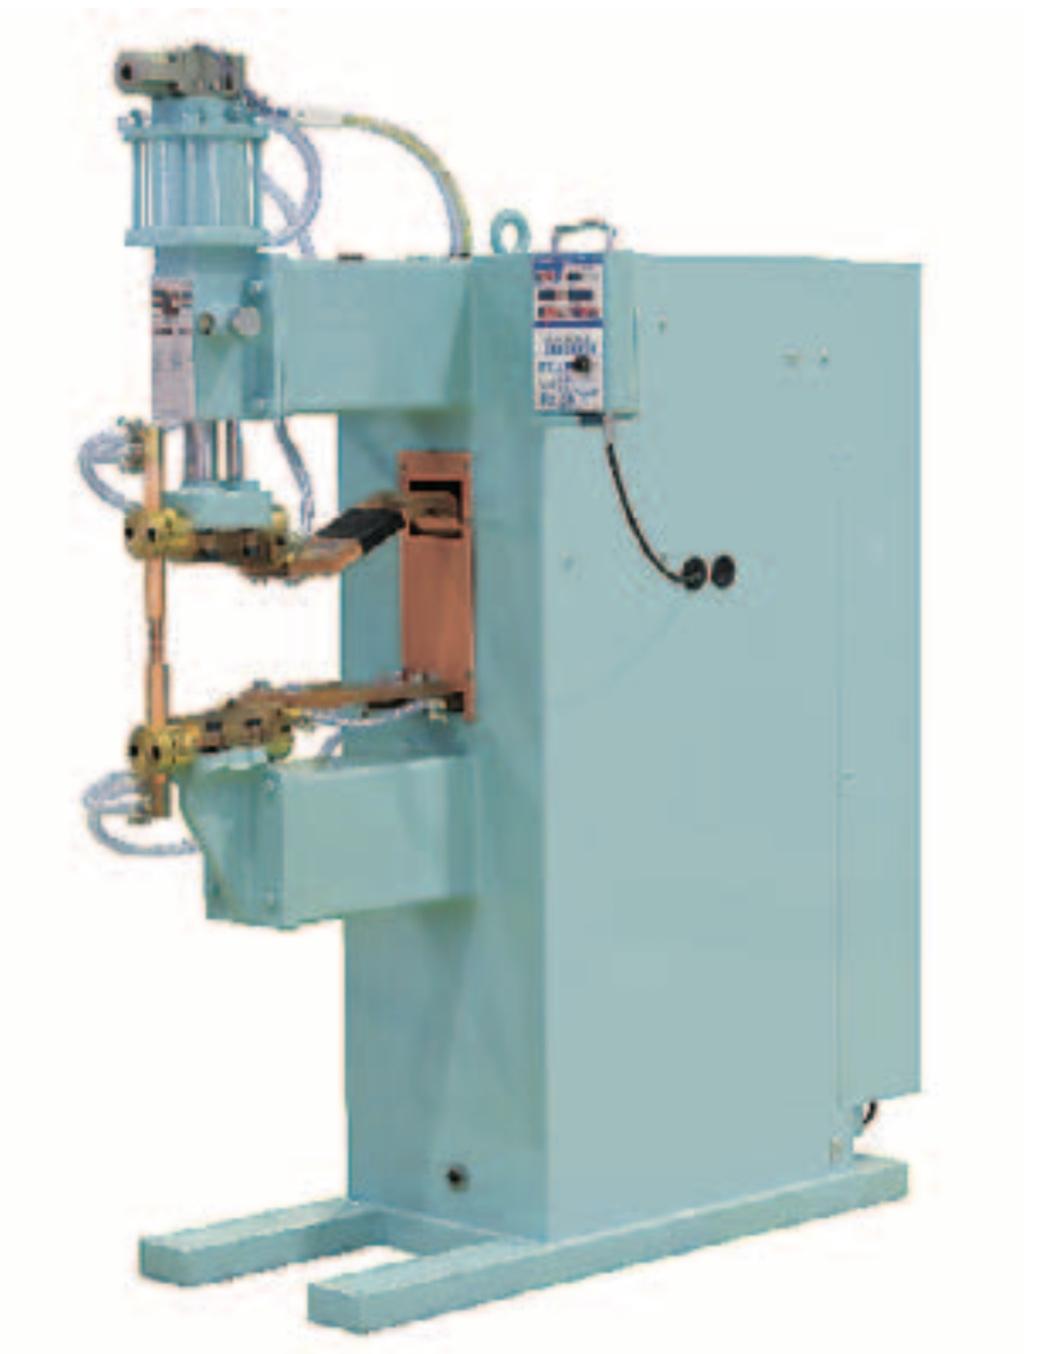 インバータ直流方式スポット溶接機